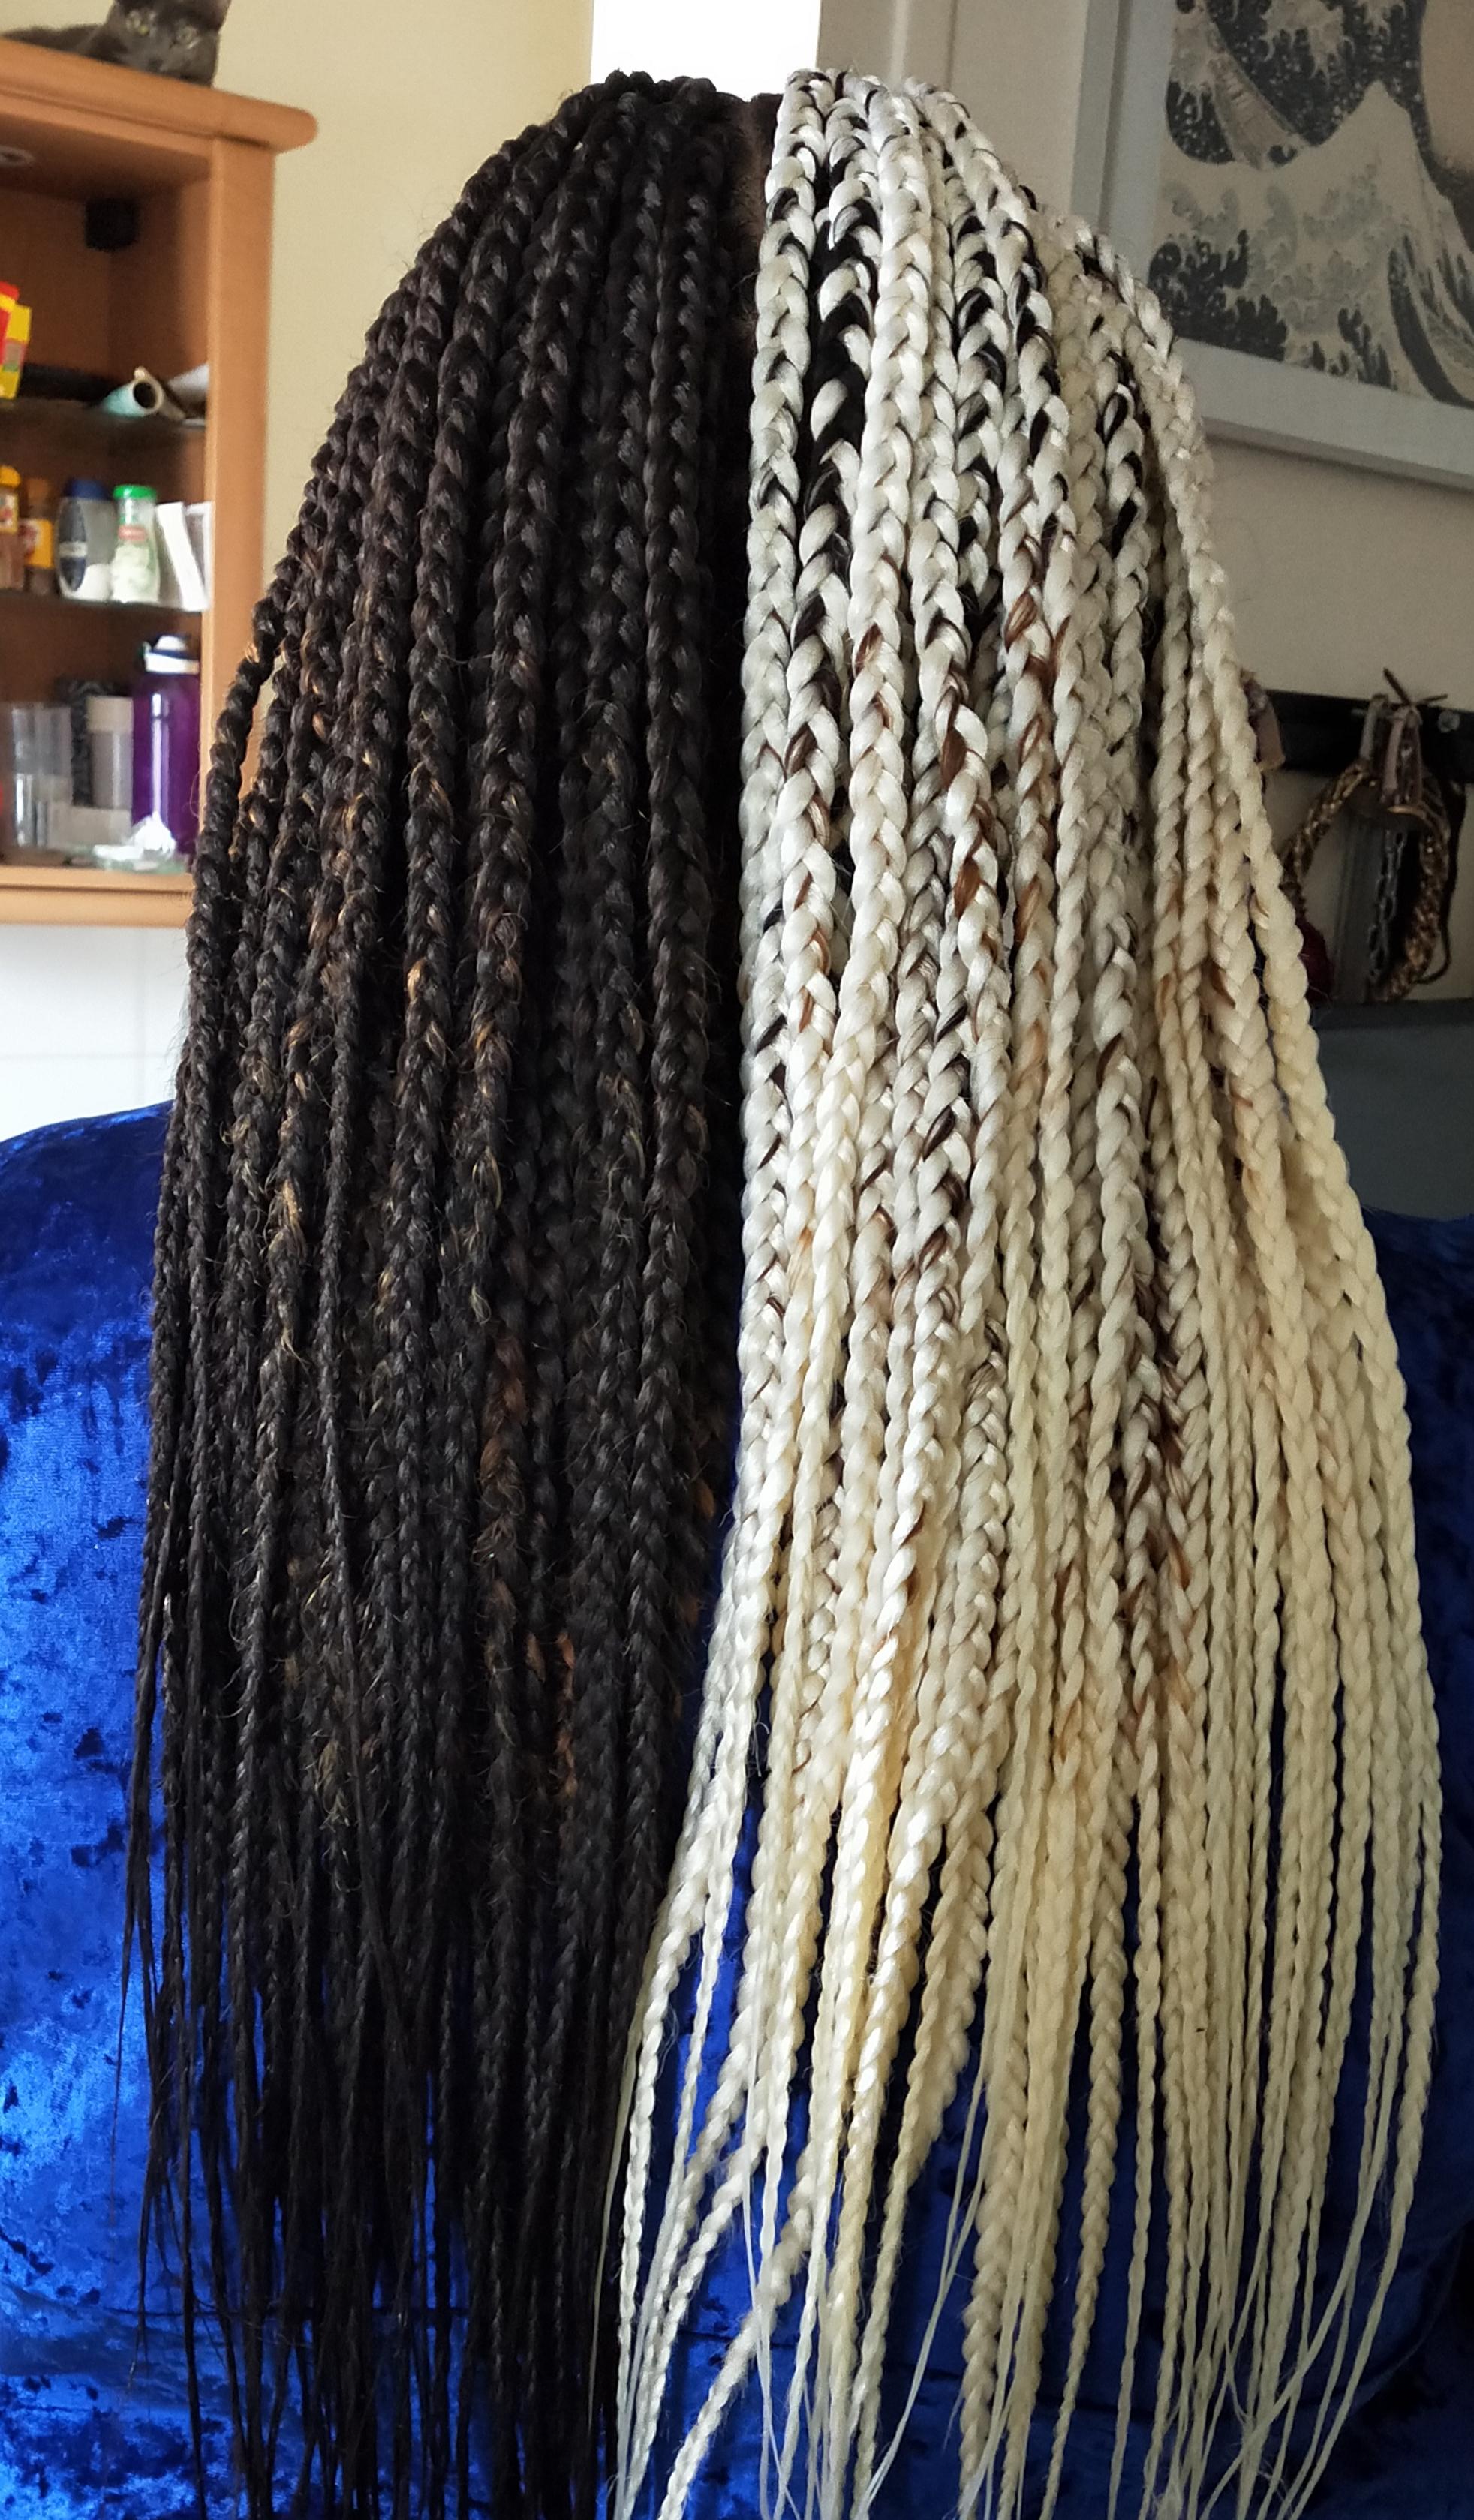 salon de coiffure afro tresse tresses box braids crochet braids vanilles tissages paris 75 77 78 91 92 93 94 95 CTJFPYEE